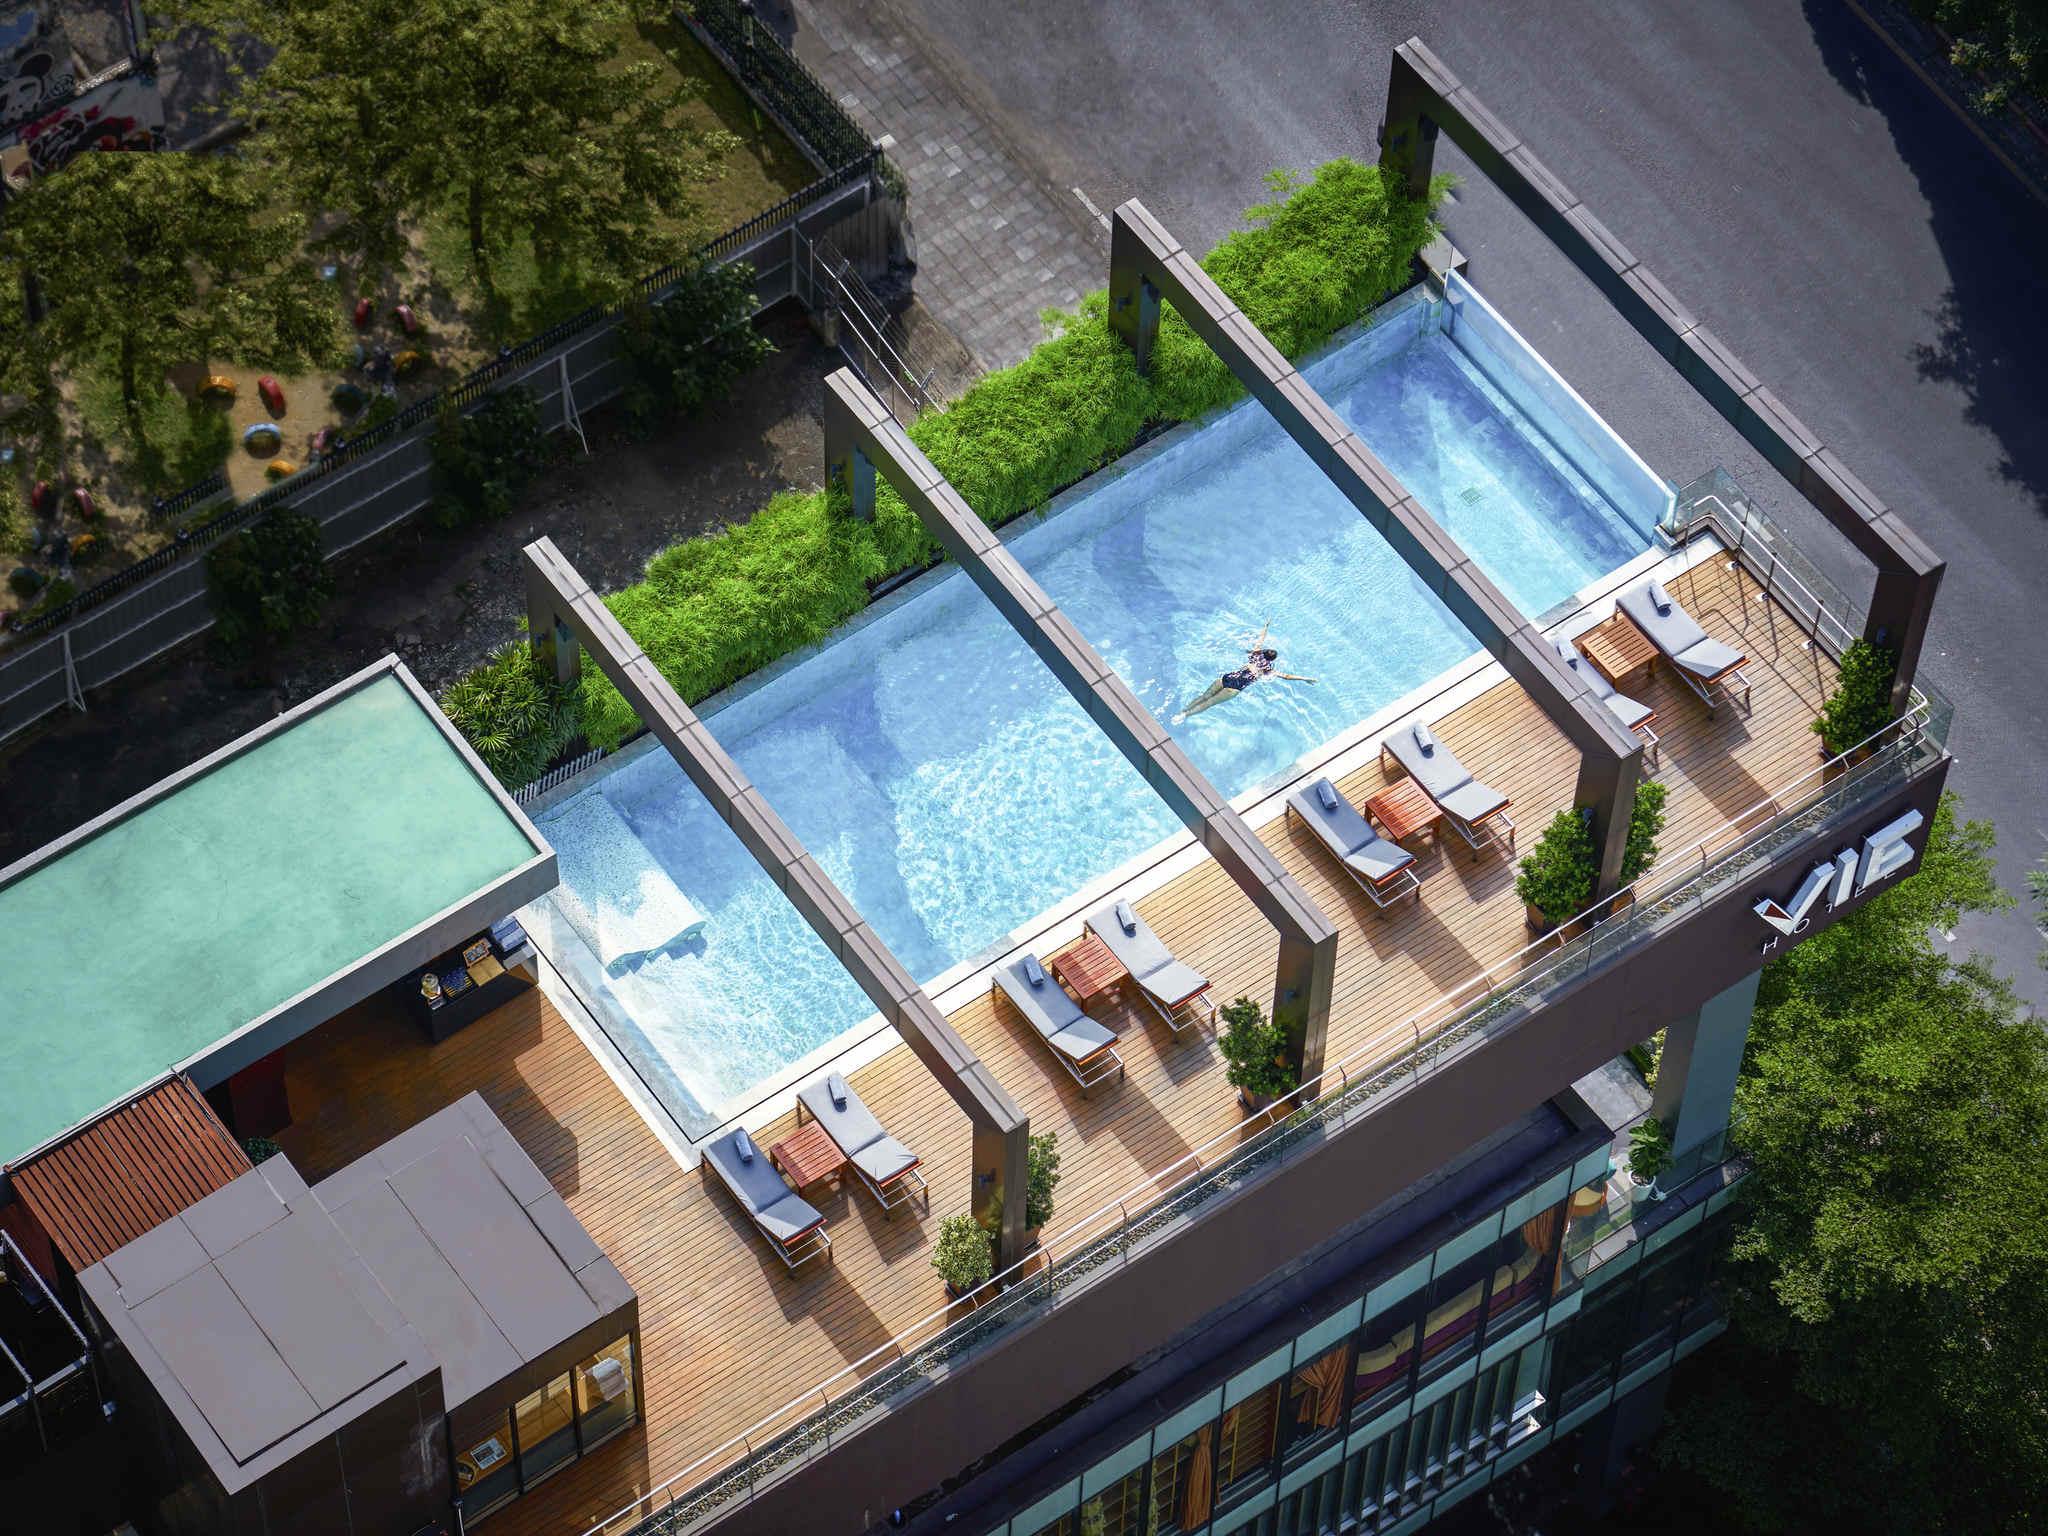 호텔 – 비 호텔 방콕 - 엠갤러리 바이 소피텔